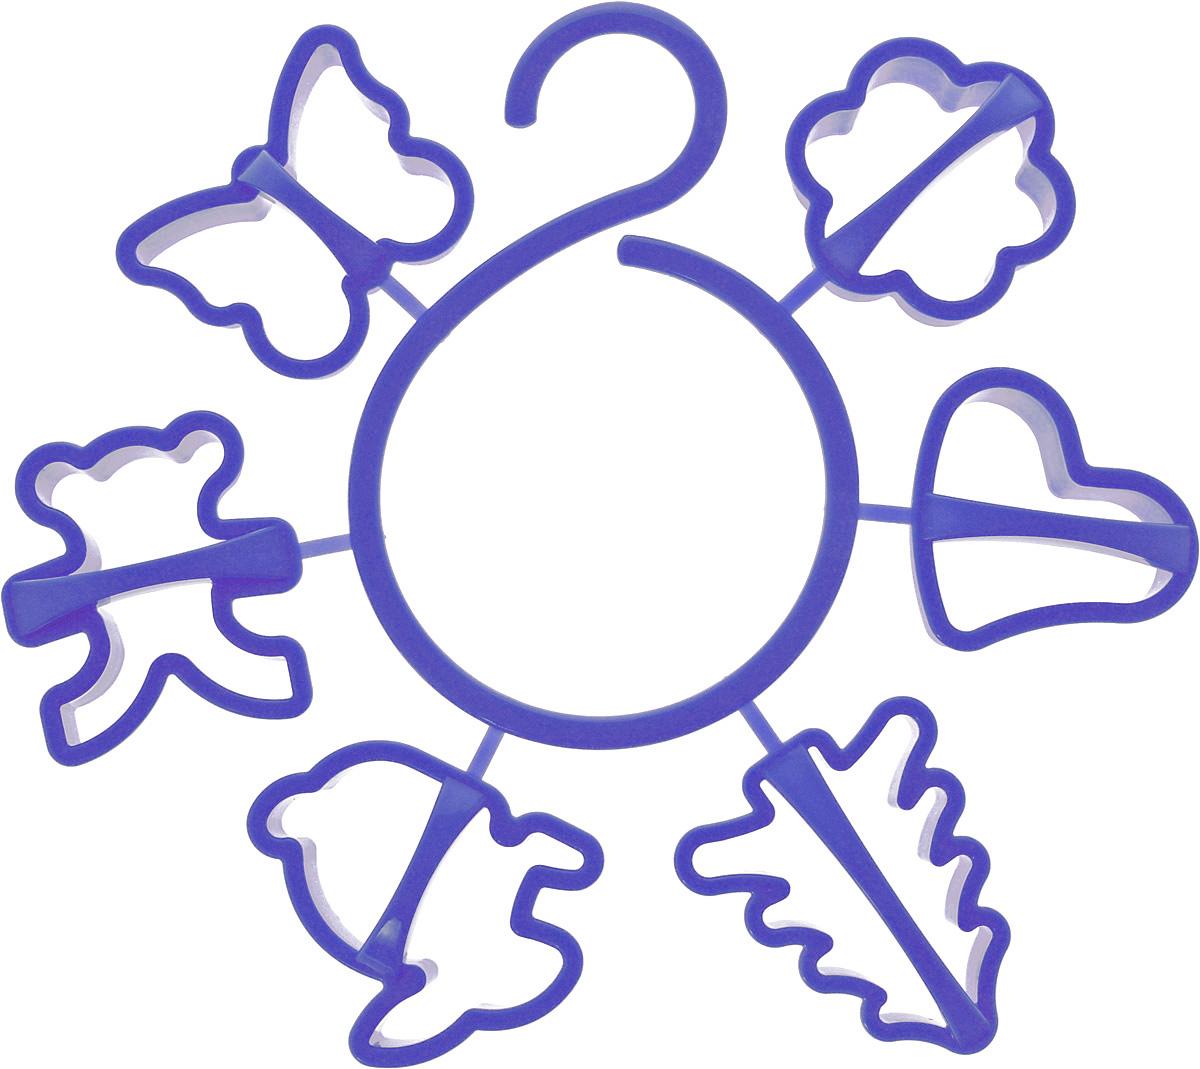 Набор форм для печенья Idea, цвет: синий, 6 штМ 1202_синийНабор Idea состоит из 6 форм, выполненных из полипропилена. Формы предназначены для приготовления печенья оригинальных форм. Набор позволит приготовить выпечку по вашему любимому рецепту, но в оригинальном праздничном оформлении, которое придется по душе всей семье. Формочки прикреплены к пластиковому крючку, благодаря чему их можно повесить в любом удобном для вас месте. Средний размер форм: 6,5 х 6 х 1,5 см.